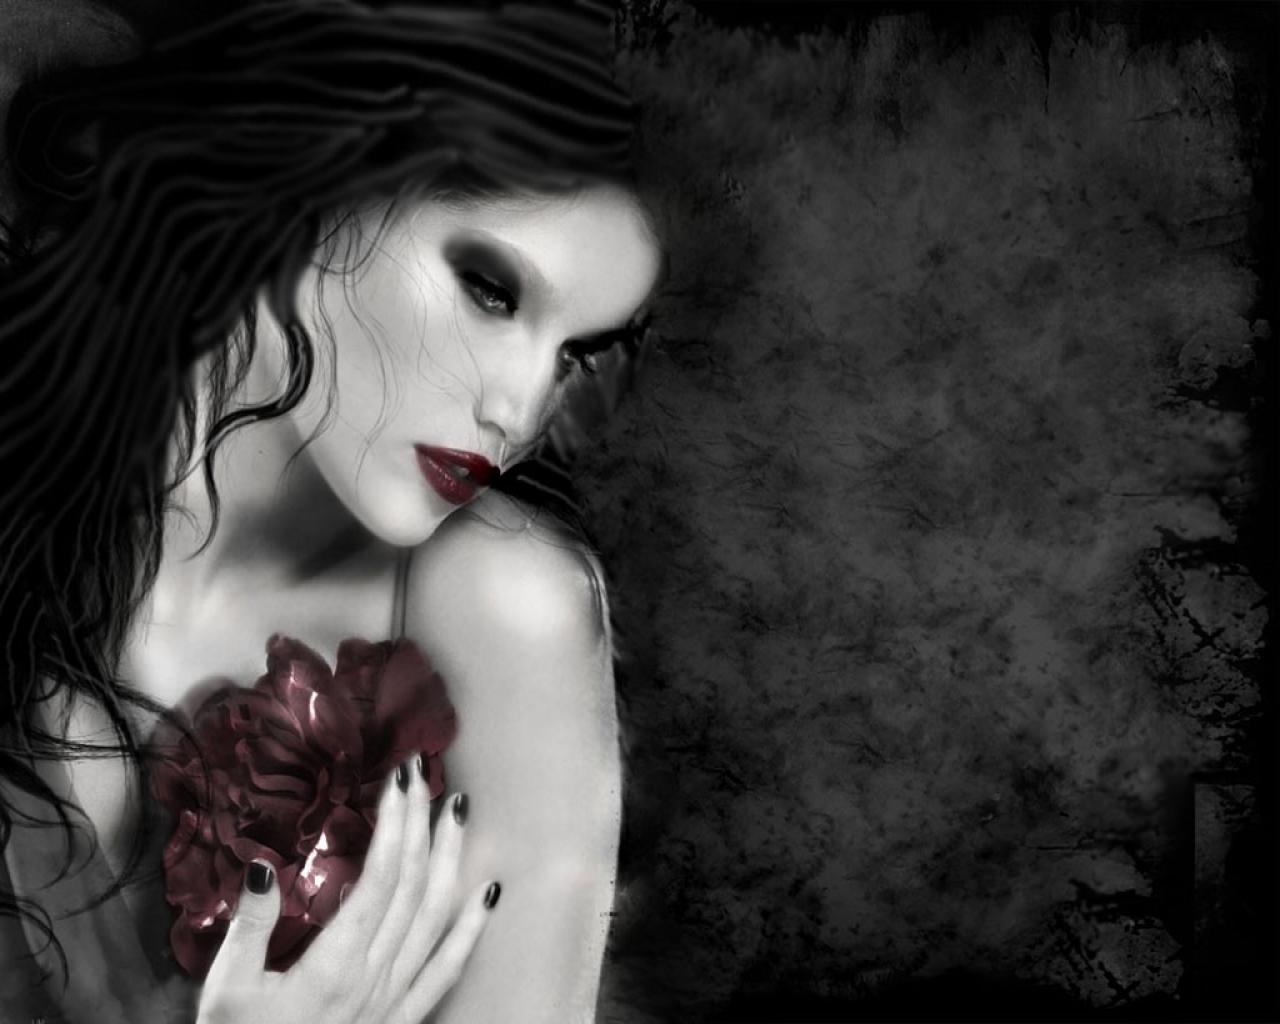 Sexy Vampire Stories 77